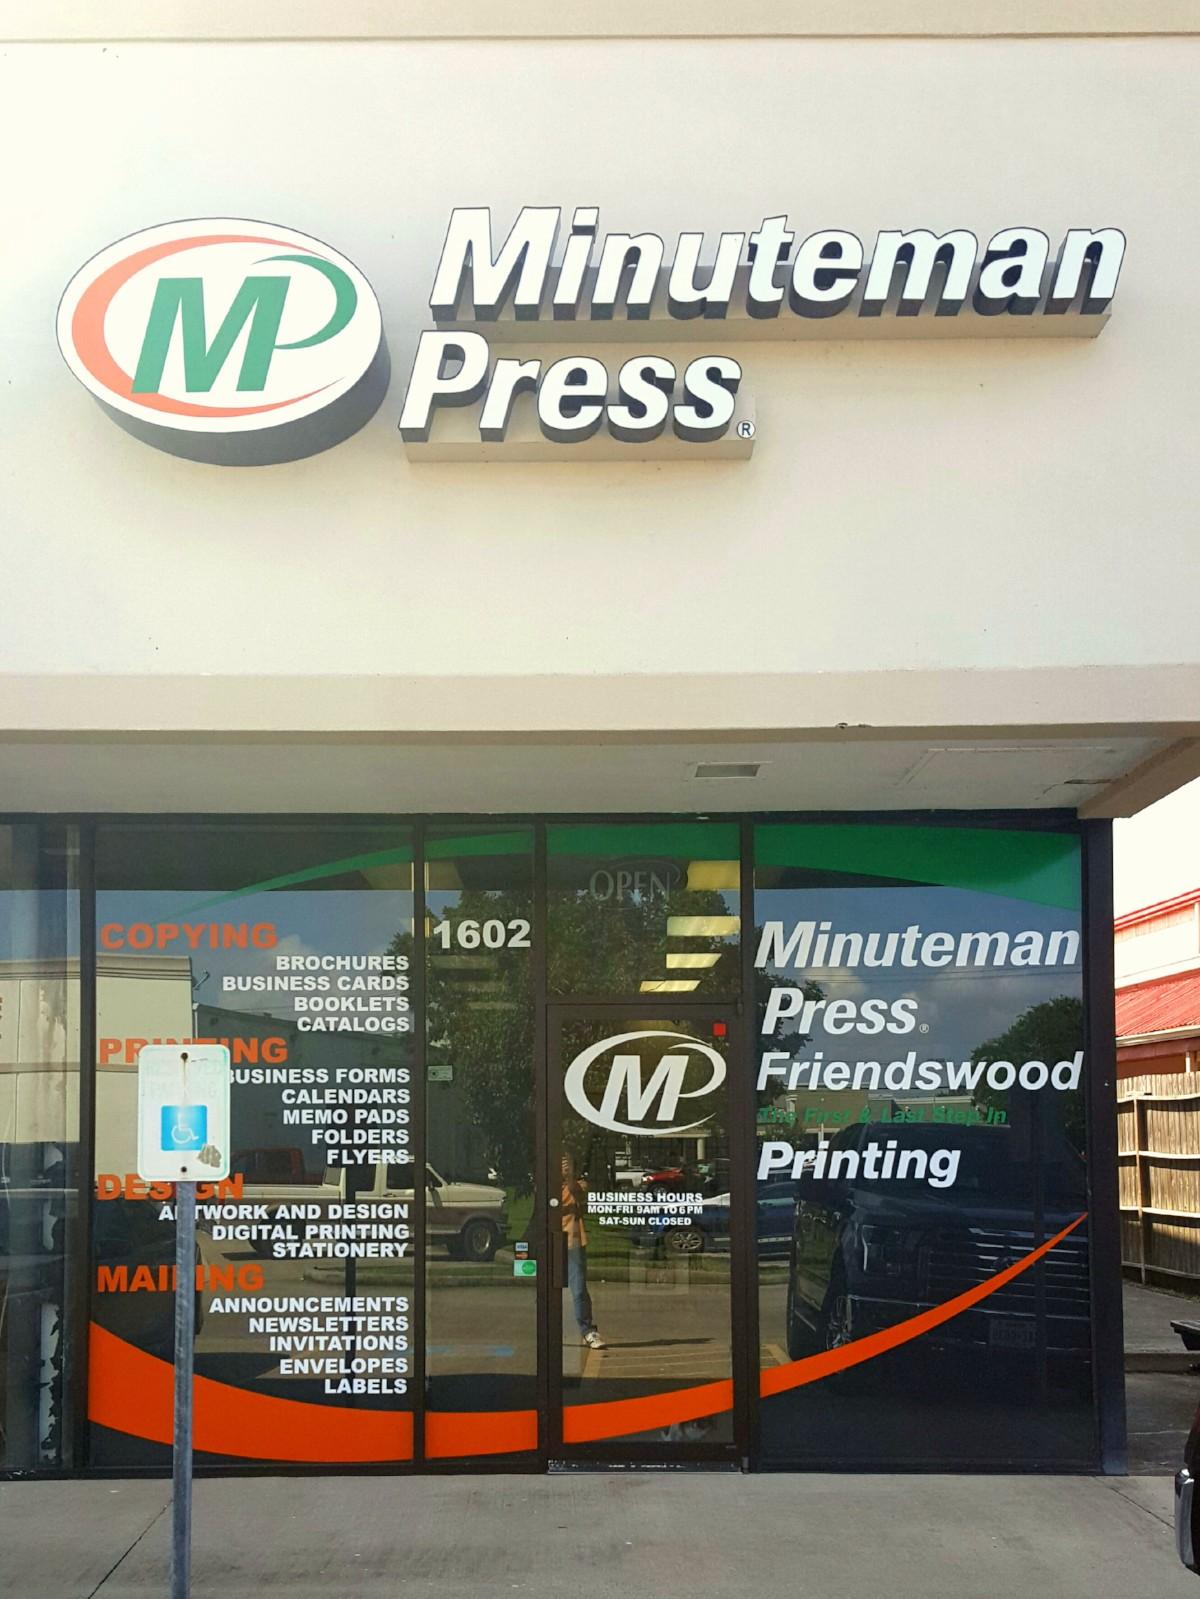 Minuteman Press - Friendswood